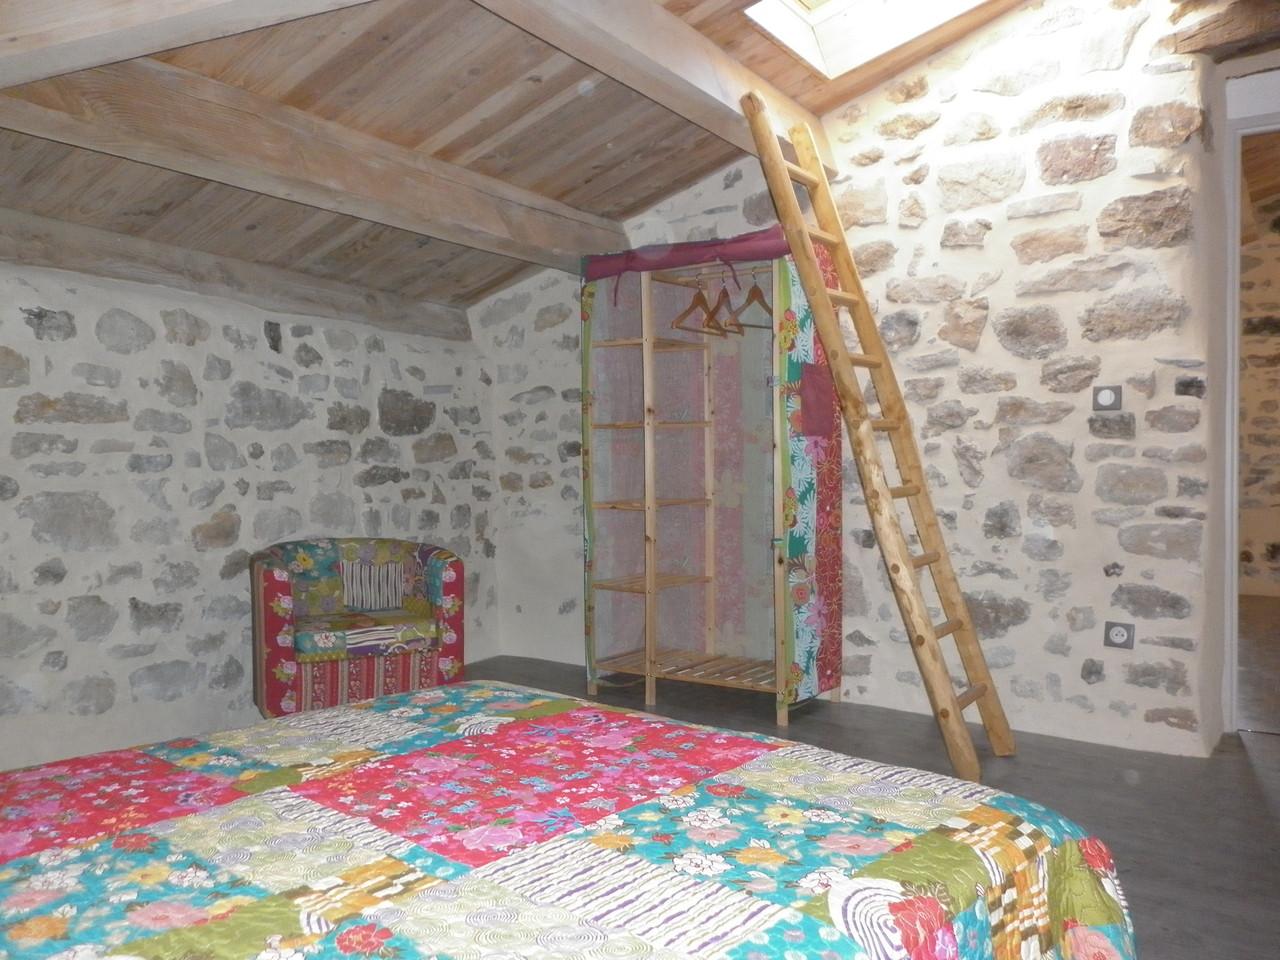 une des chambres du gîte de Coustillou